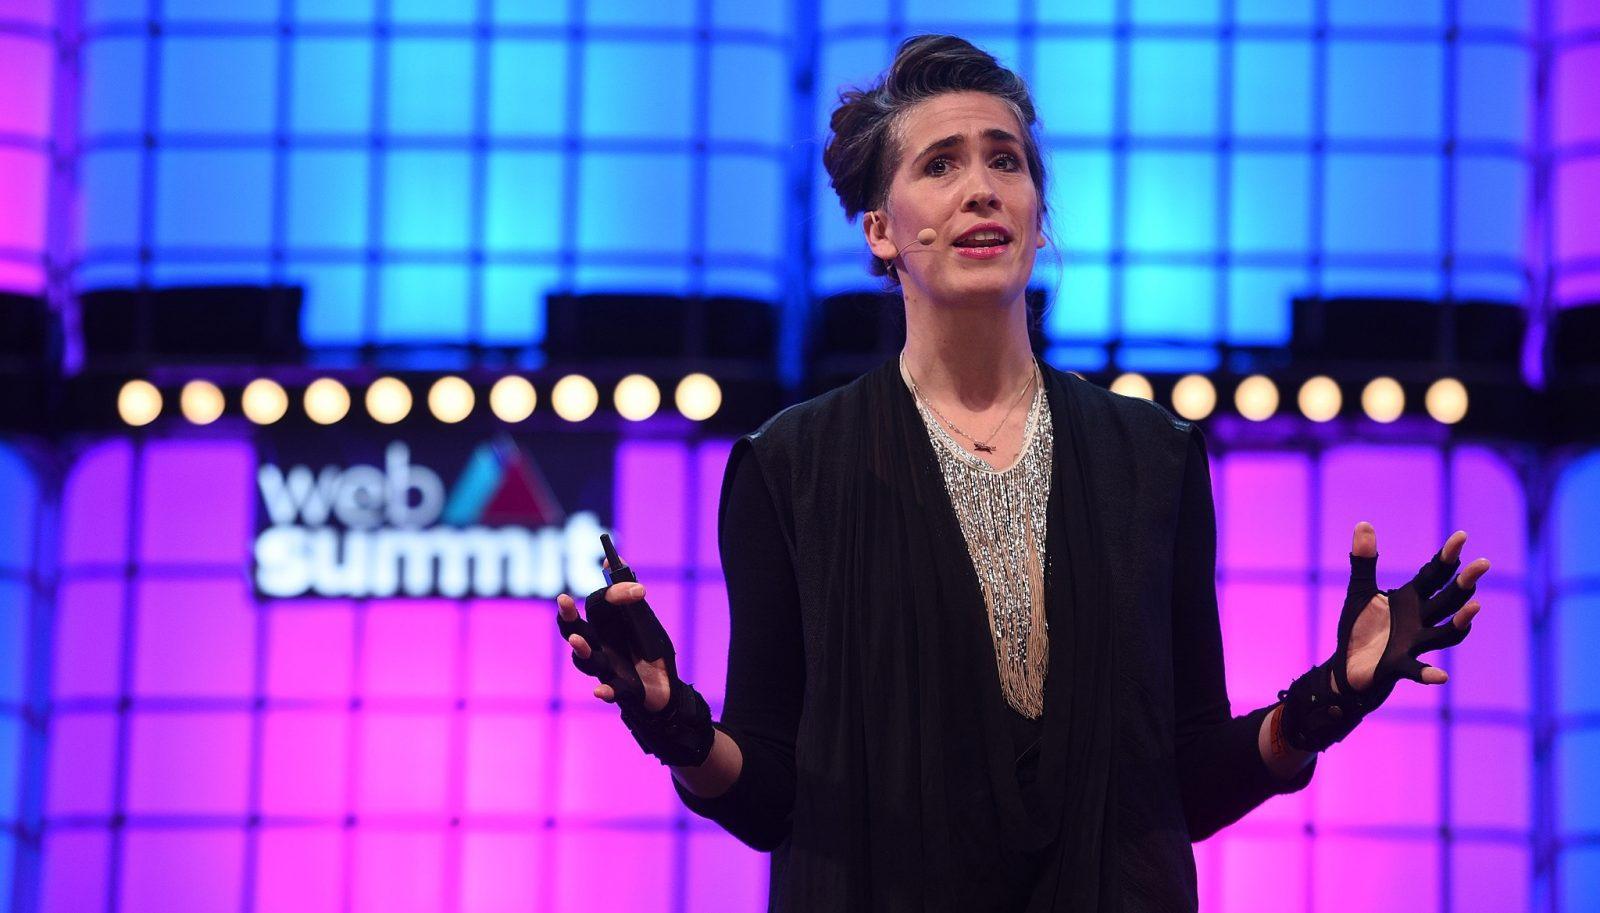 Die britische Musikerin Imogen Heap wünscht sich einen fairen Musikmarkt